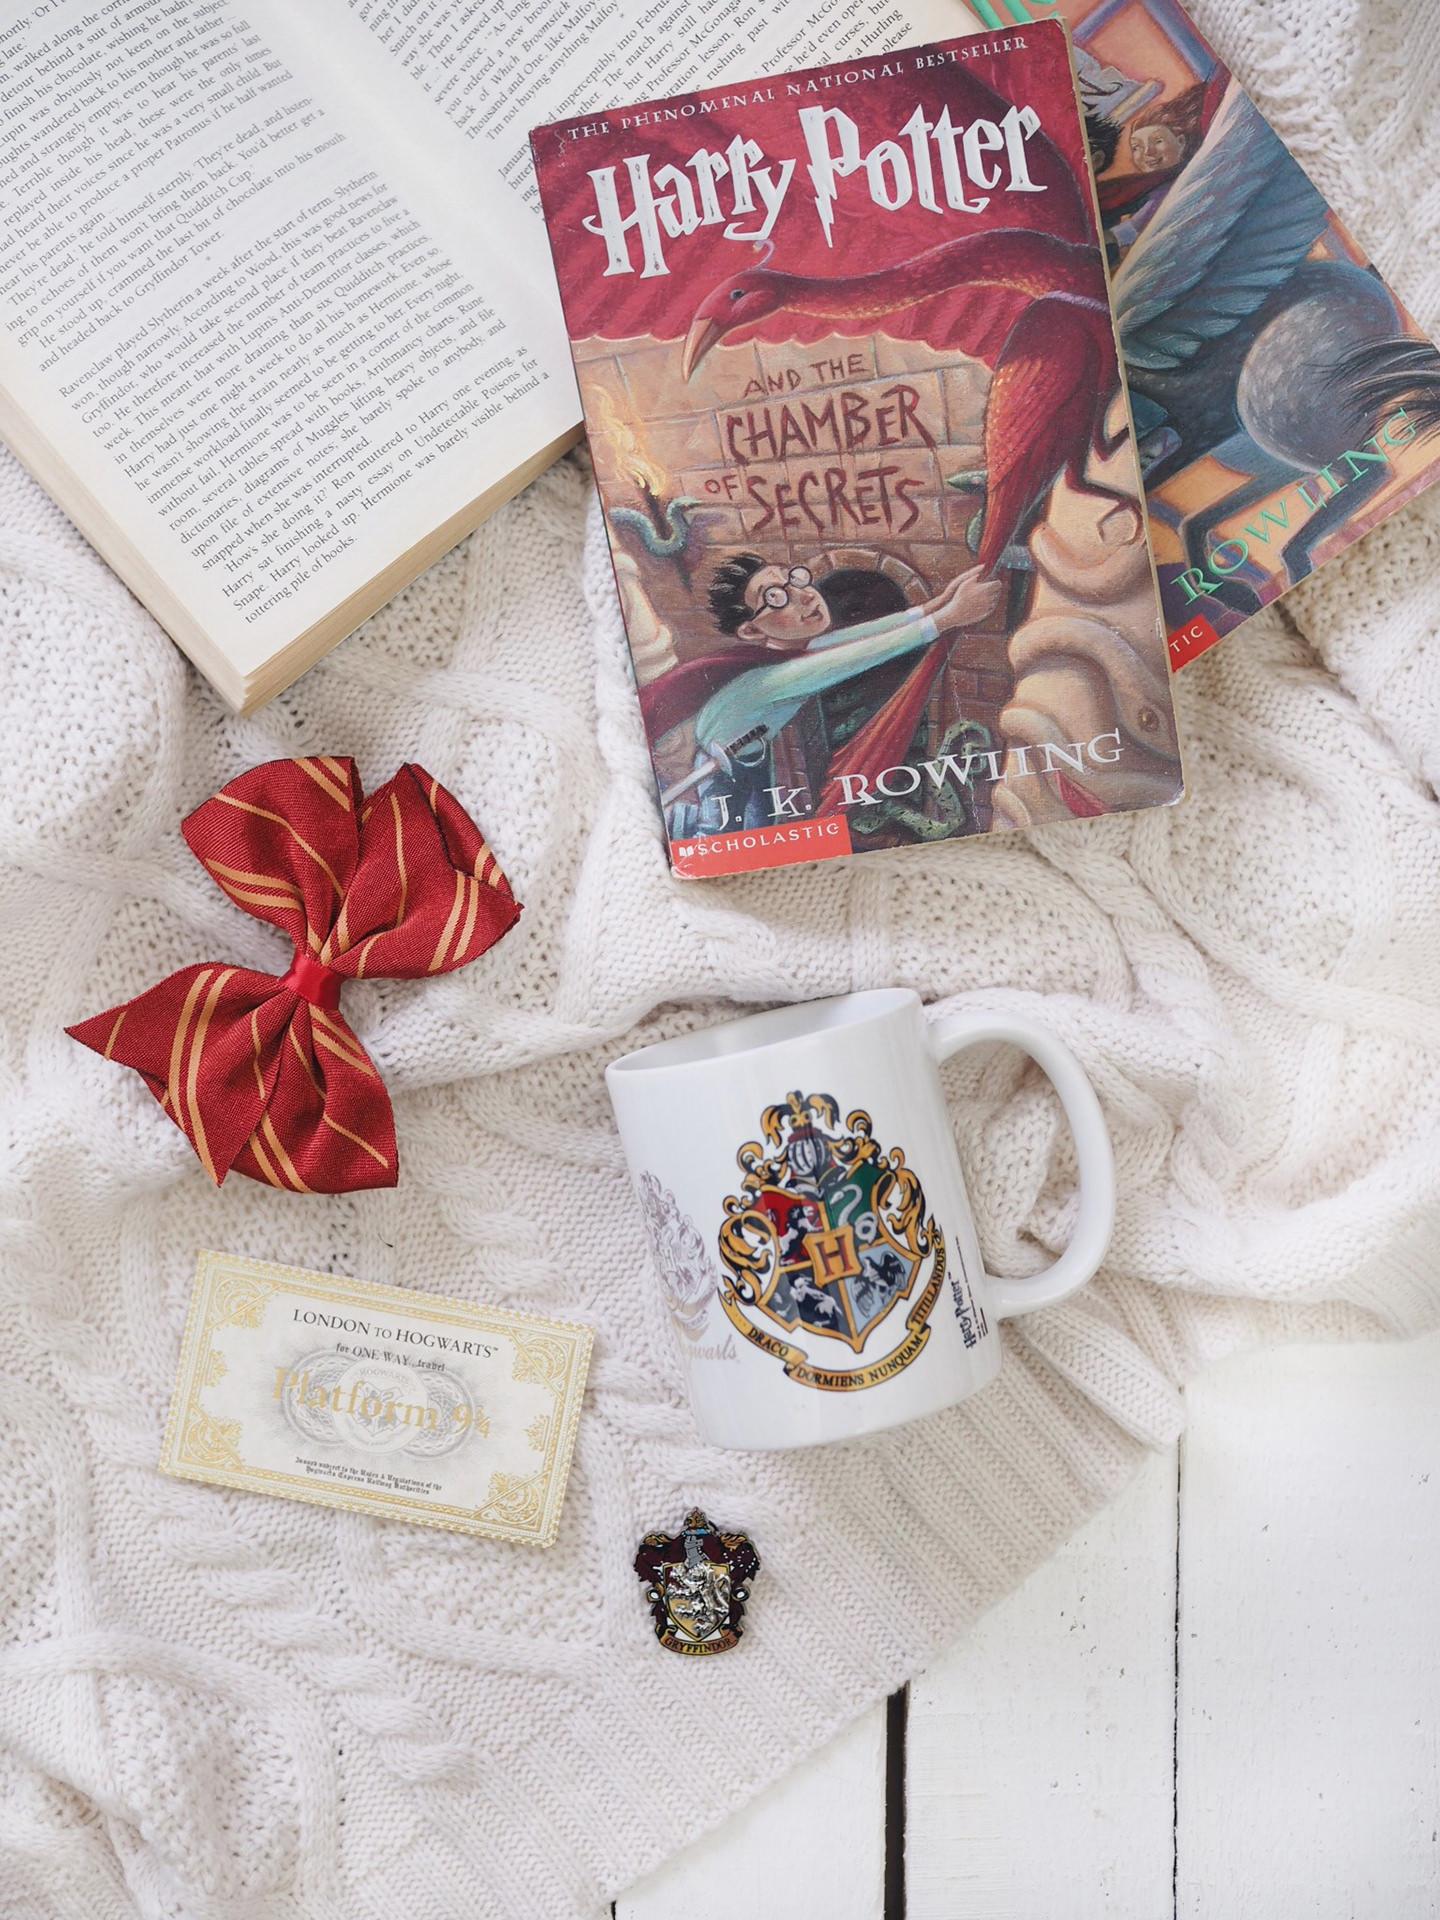 Blog-Mode-And-The-City-Lifestyle-Cinq-Petites-Choses-208-souvenirs-Harry-Potter-Studios.